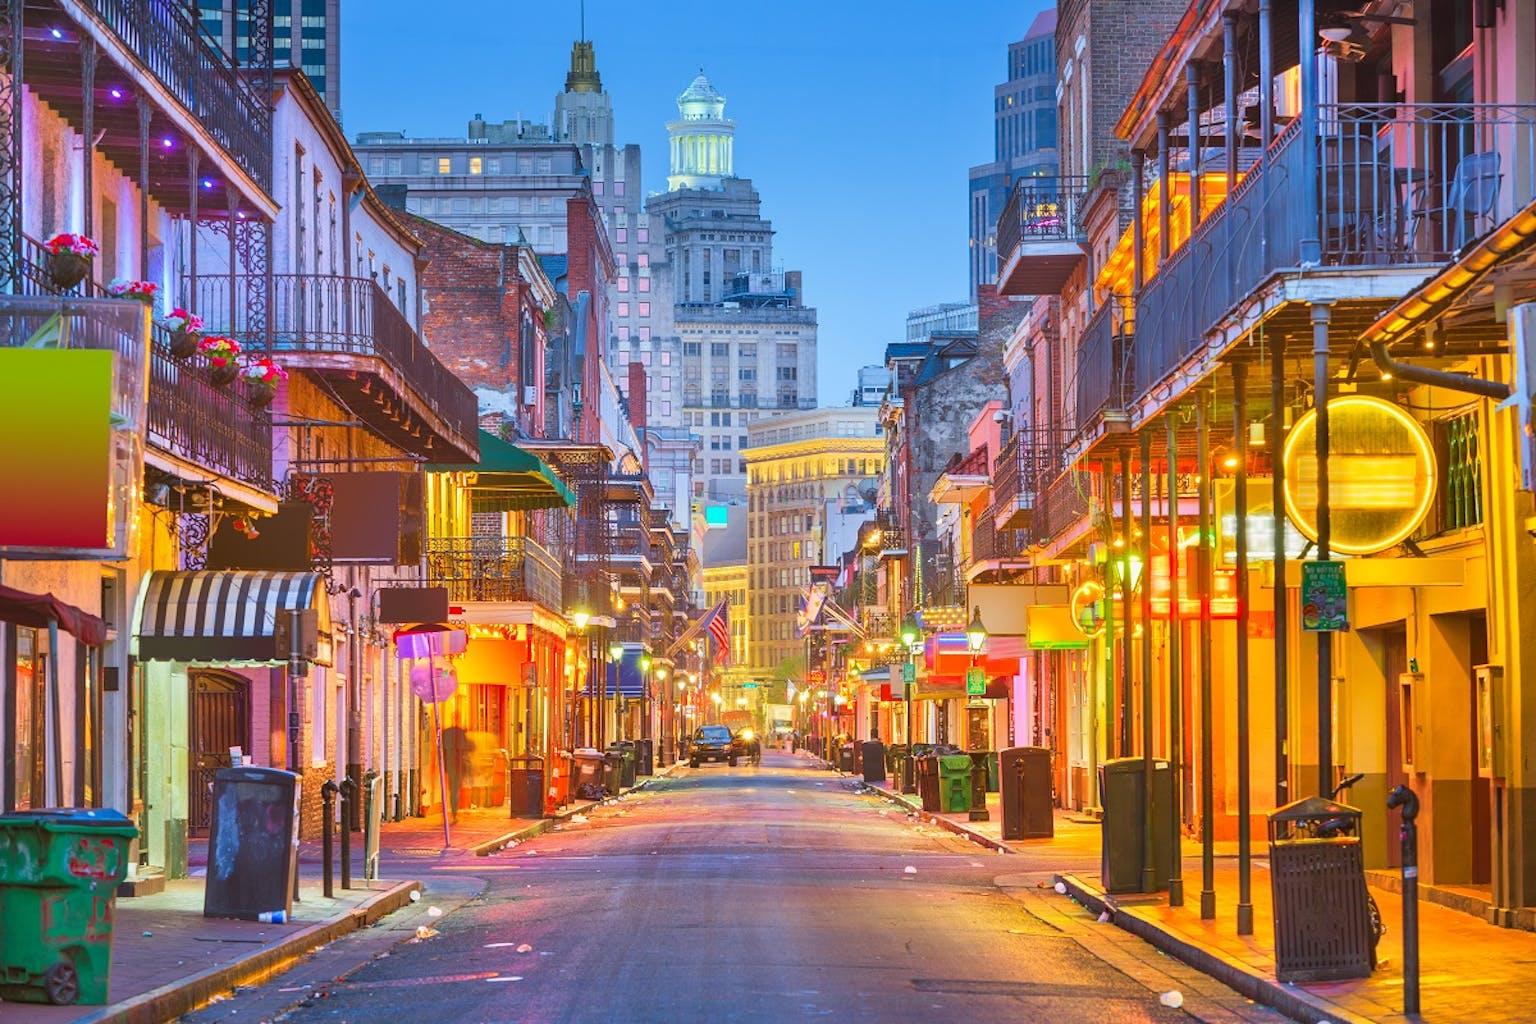 New Orleans, NOLA, big easy, seema travel, seema.com, seema trends, seema travel trends, seema 2020, seema NOLA, seema America travel, seema network, seema trends, seema travel trends, traveling to New Orleans, seema newsletter